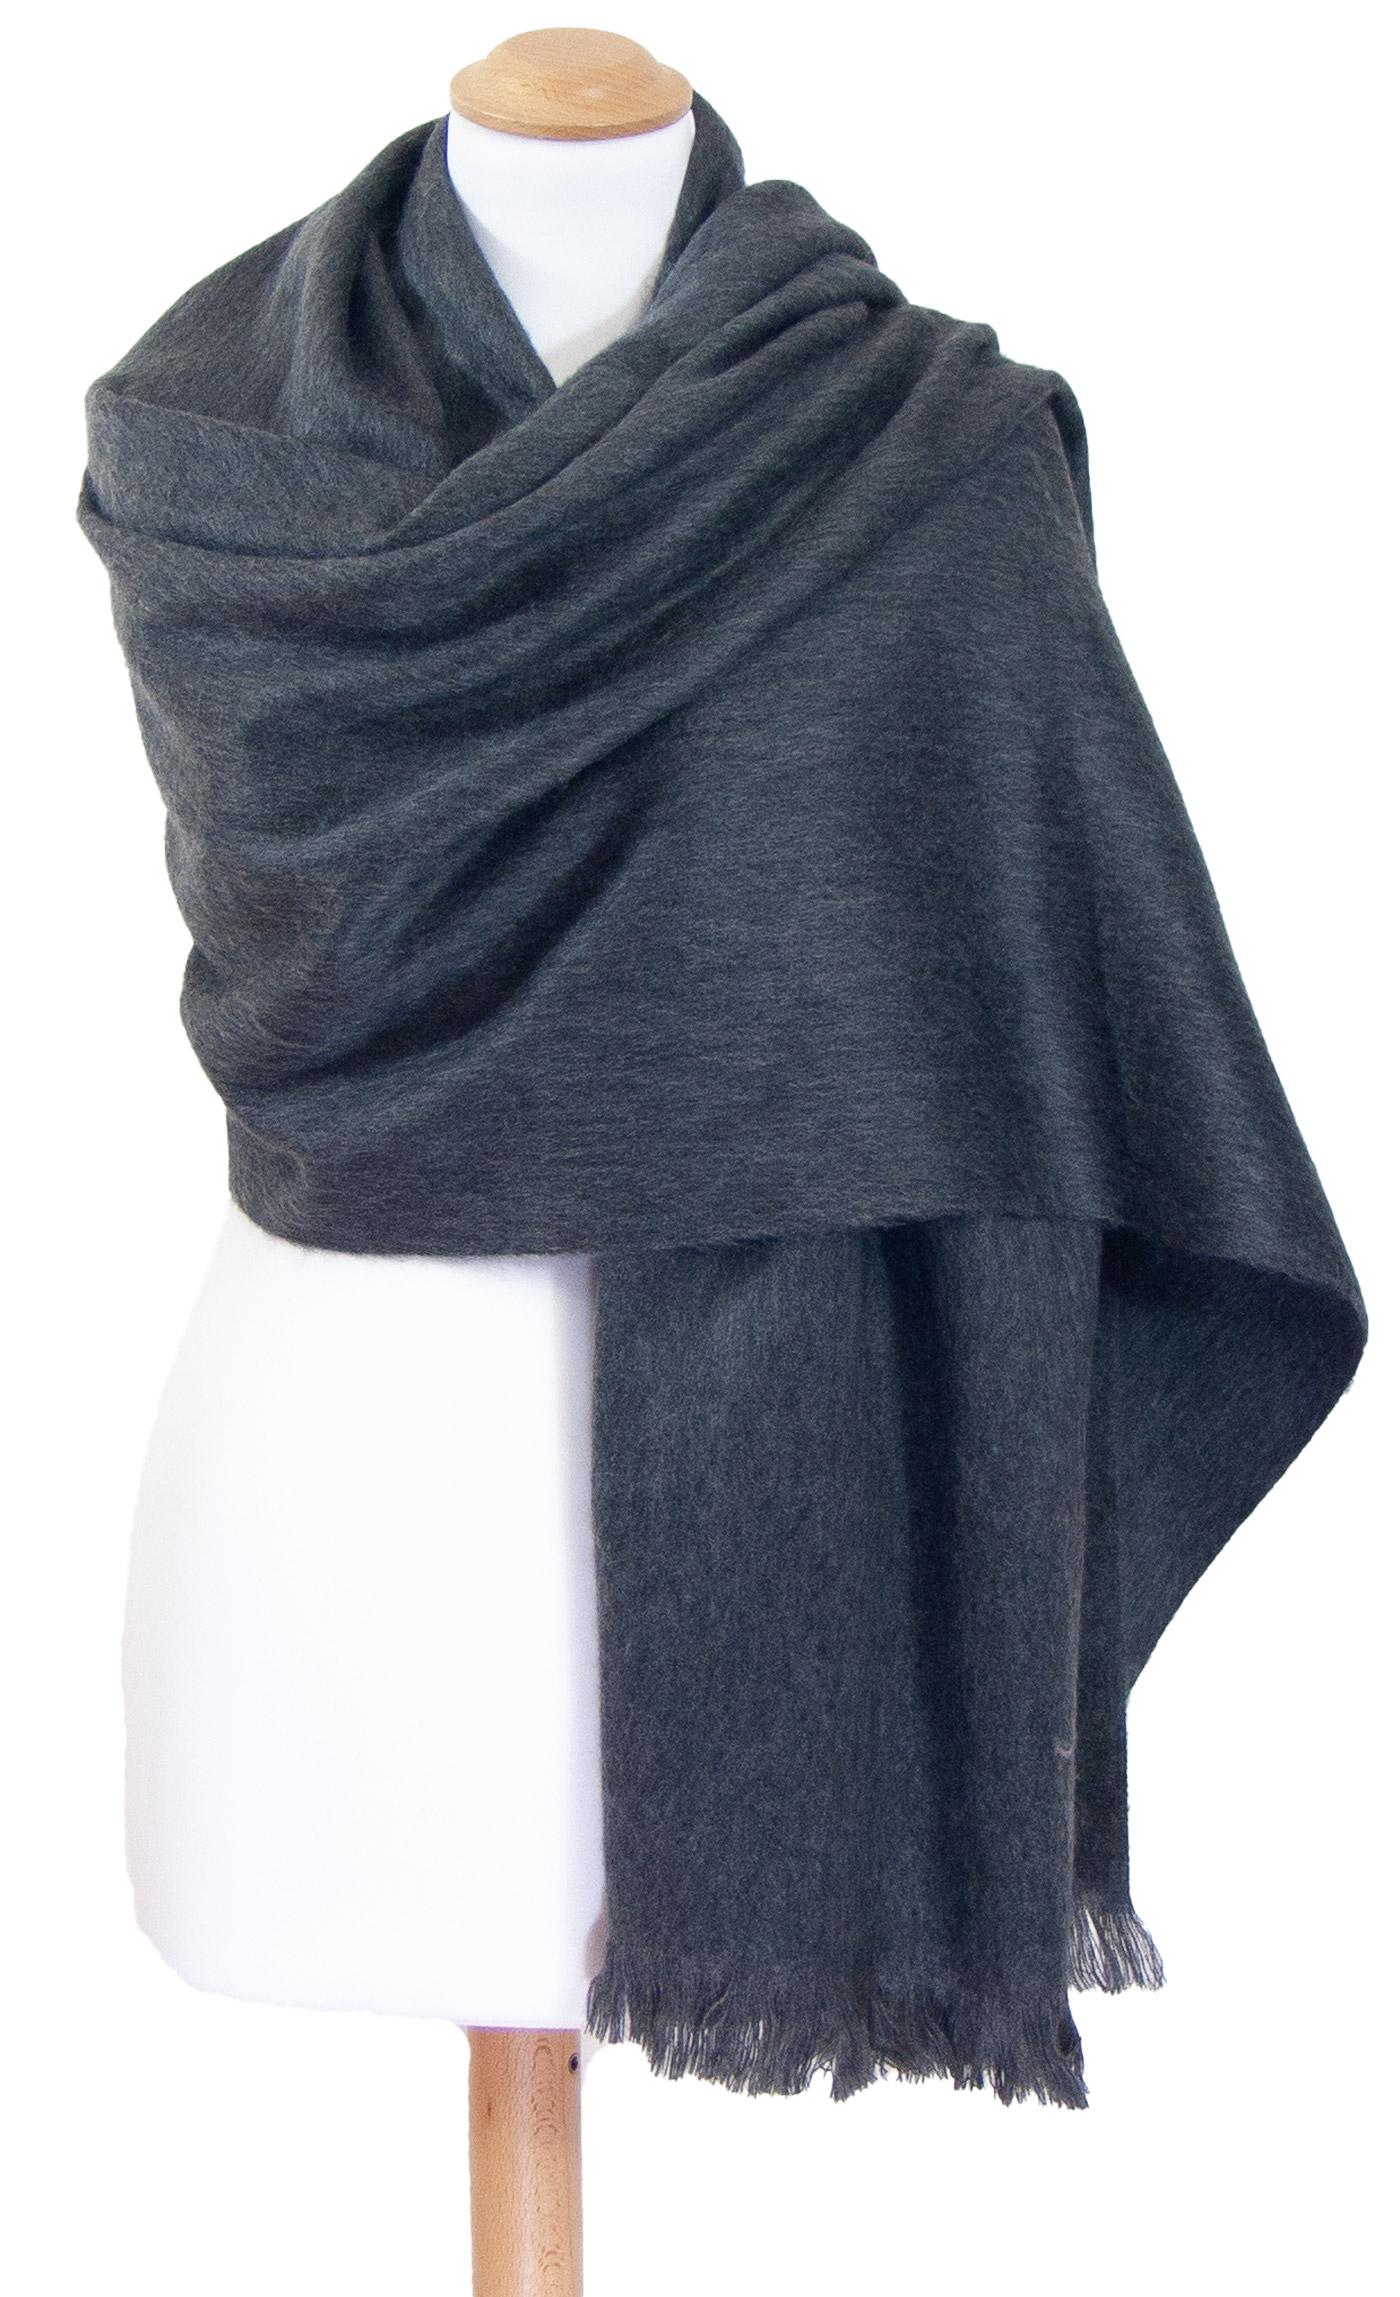 Châle en laine alpaga gris